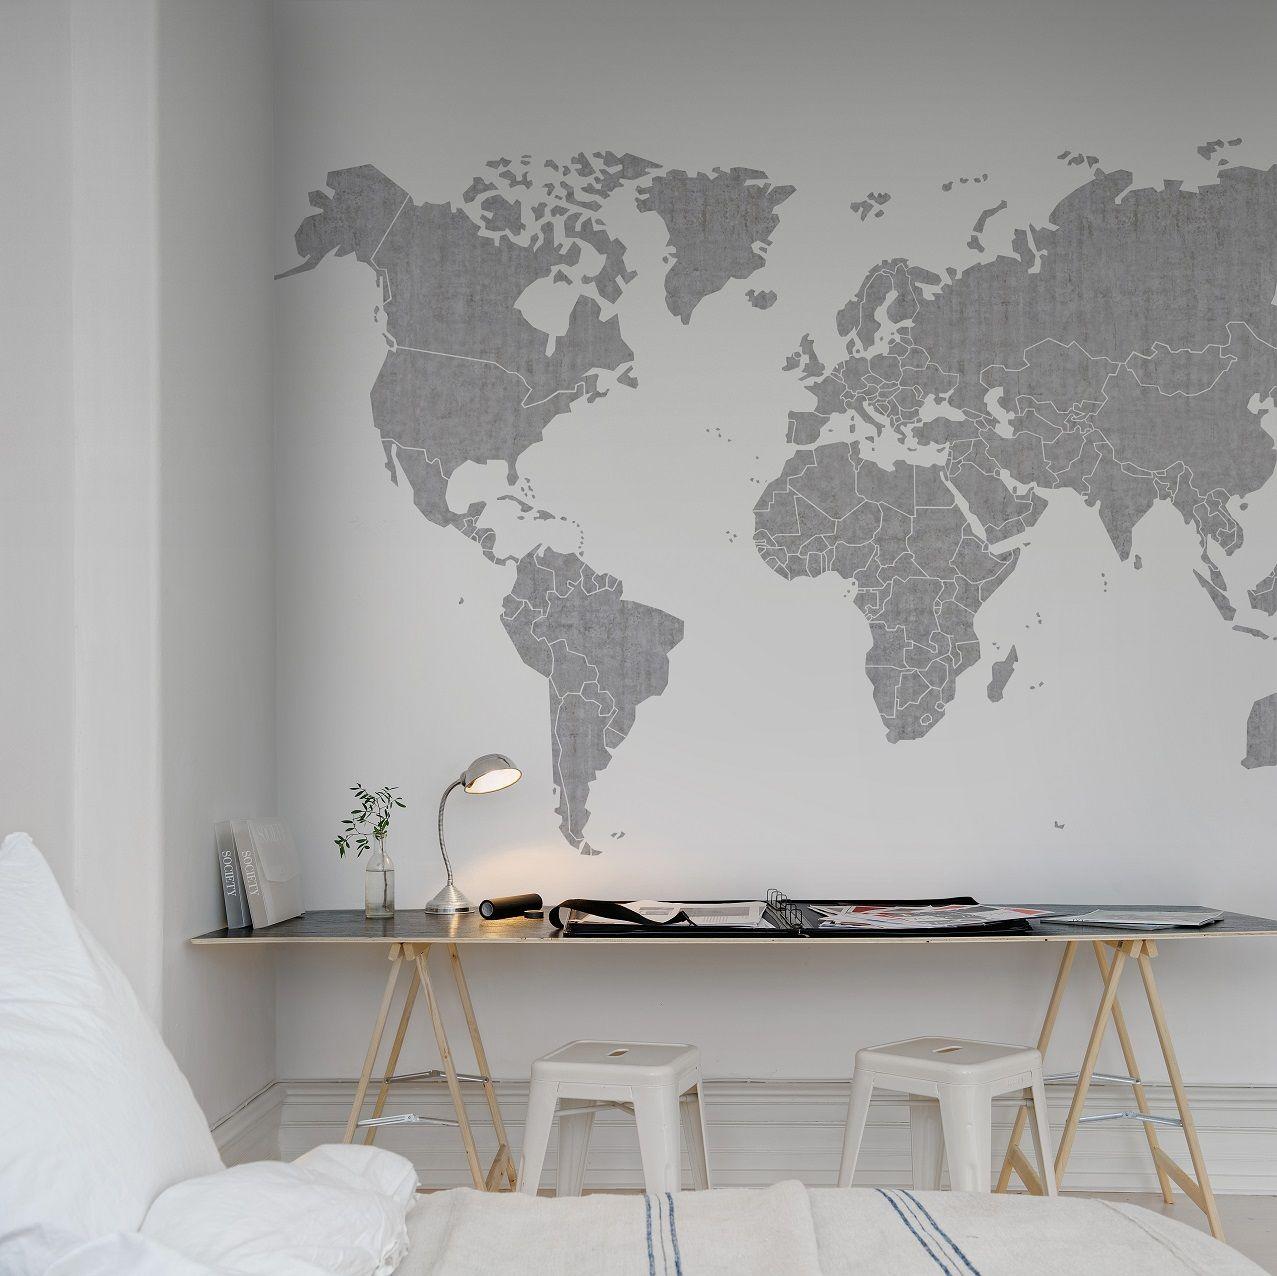 Slaapkamer met wereldkaart behang van Rebel Walls  Behang